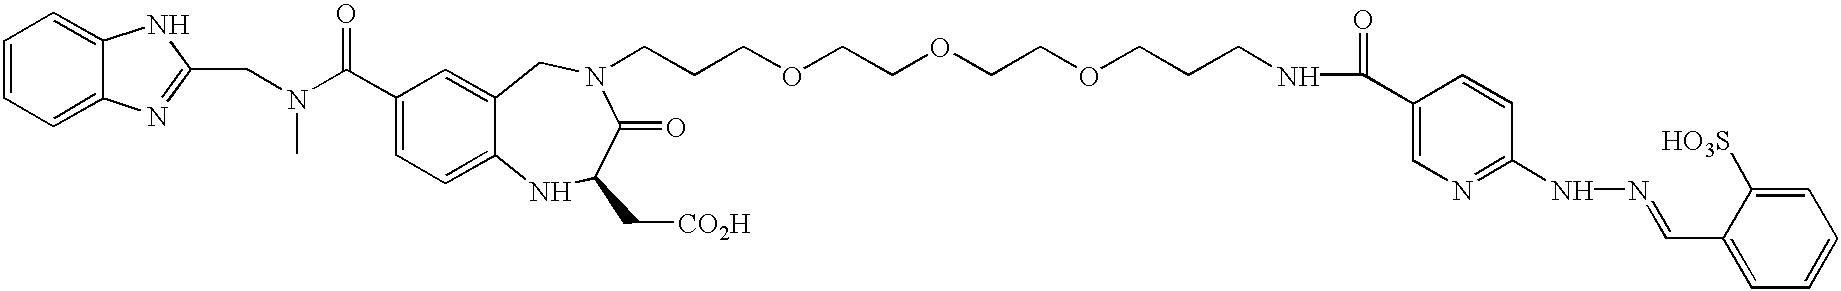 Figure US06558649-20030506-C00082